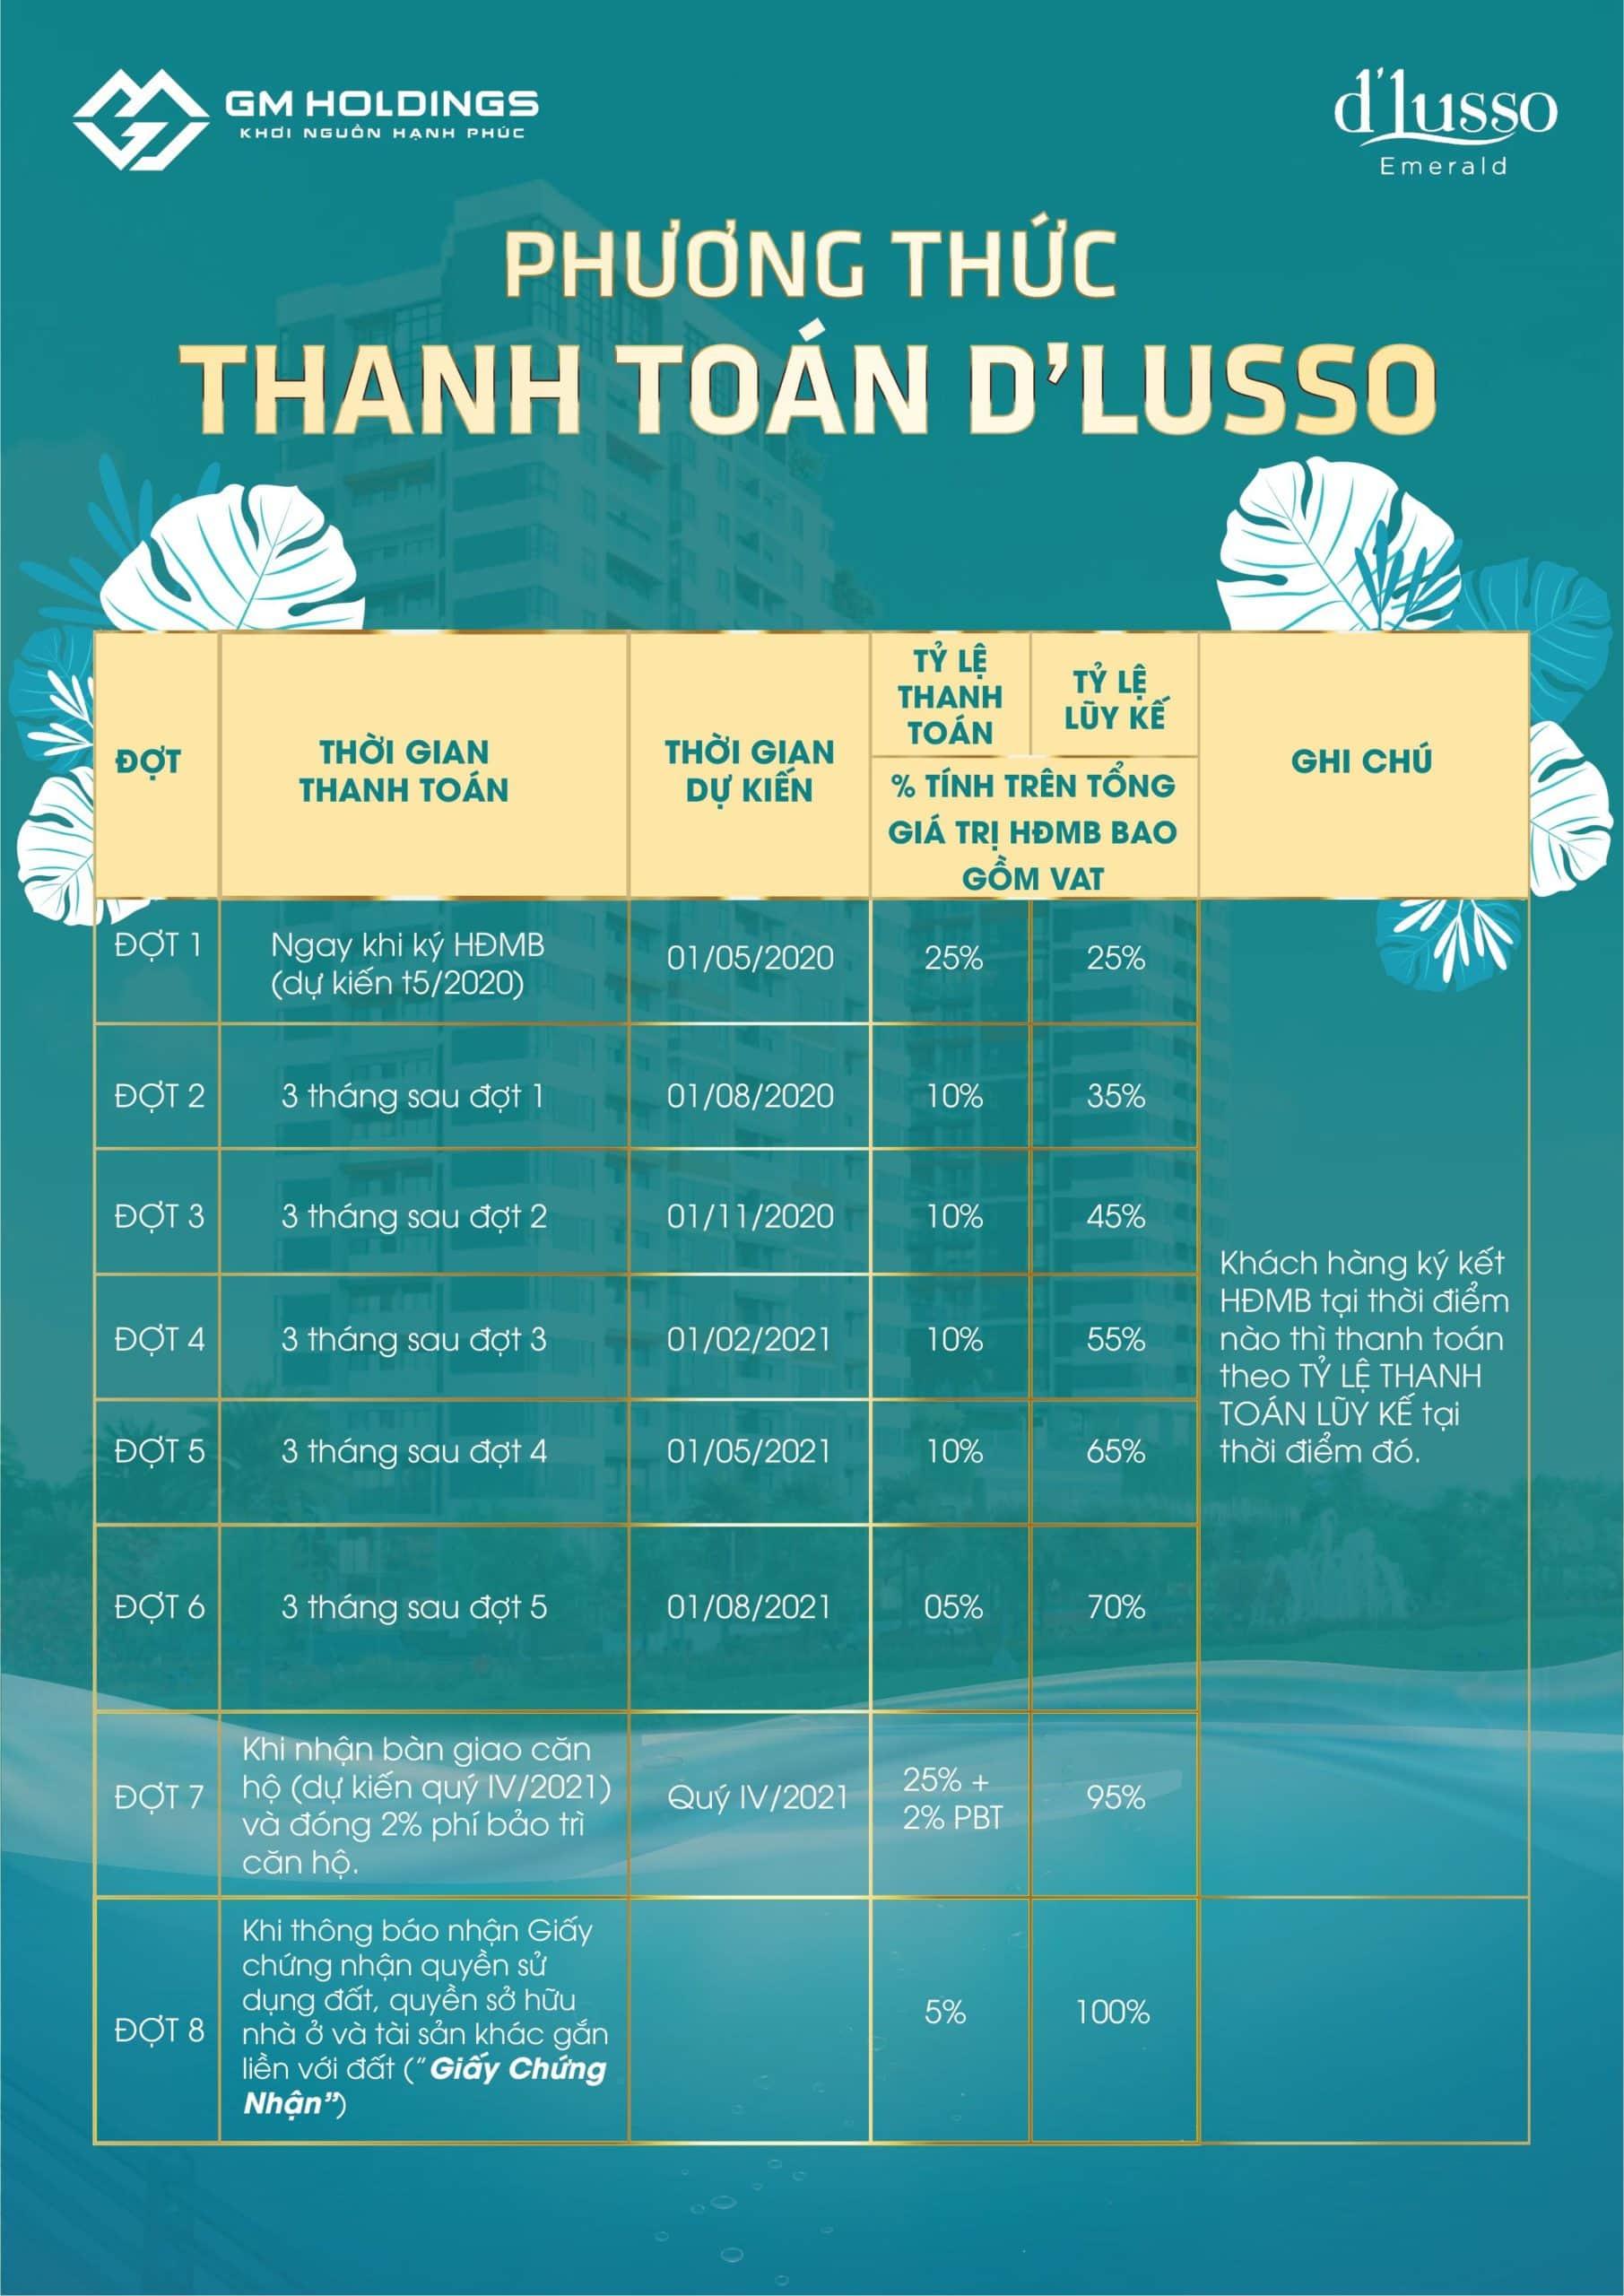 Phương thức thanh toán dự án D'Lusso